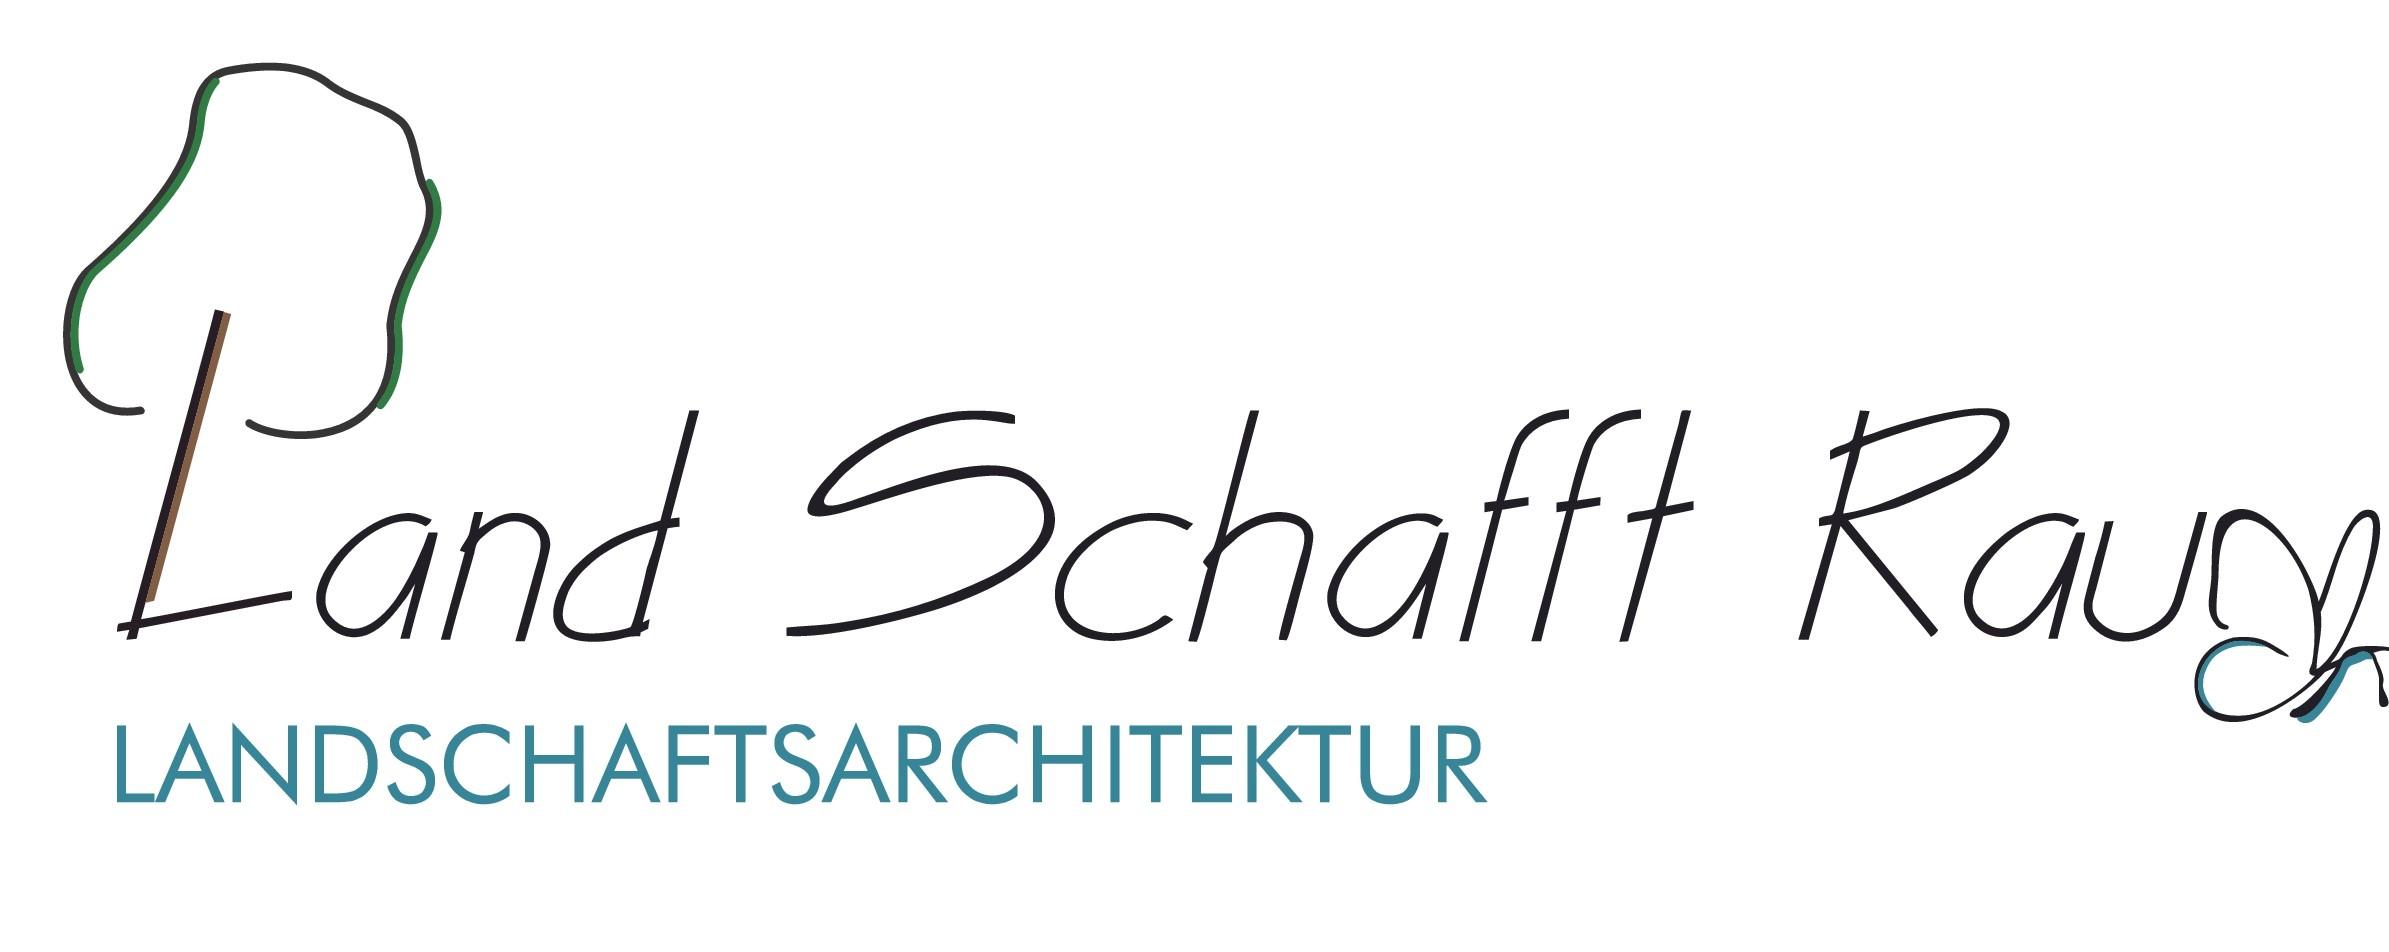 Logo vektorisiert2